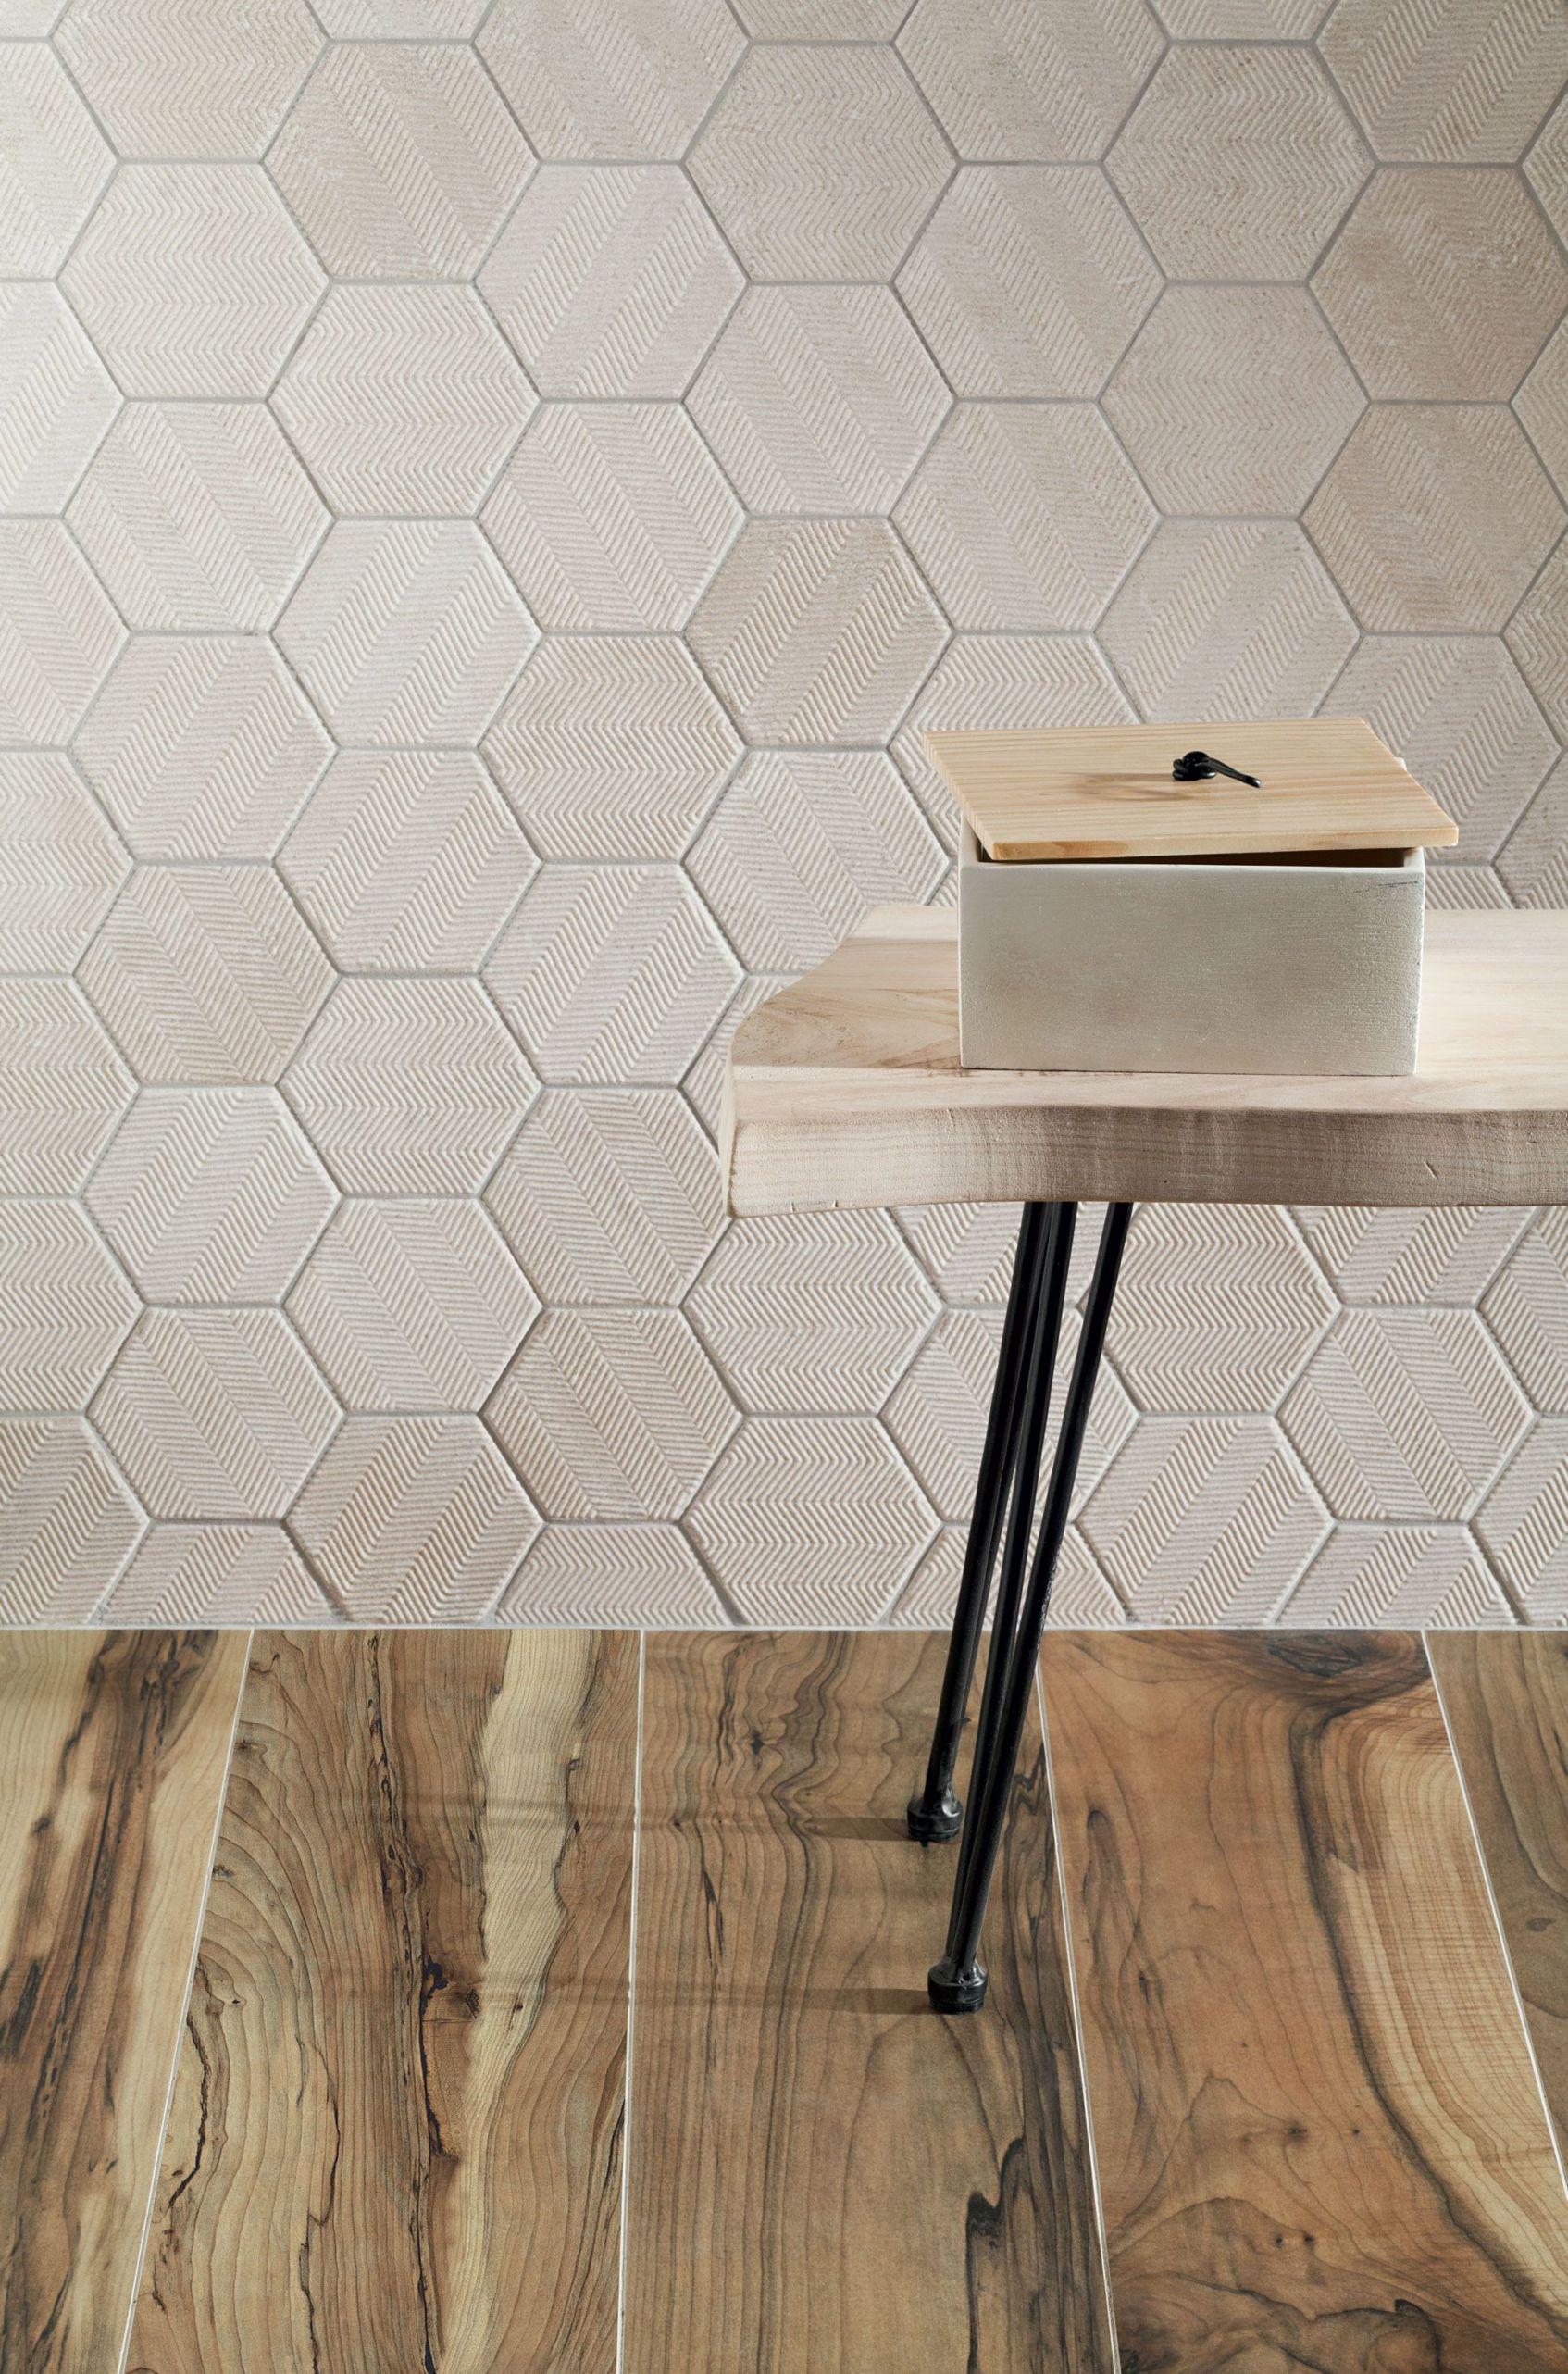 Heksagon W Kuchni I Salonie Płytki Heksagonalne Do łazienki